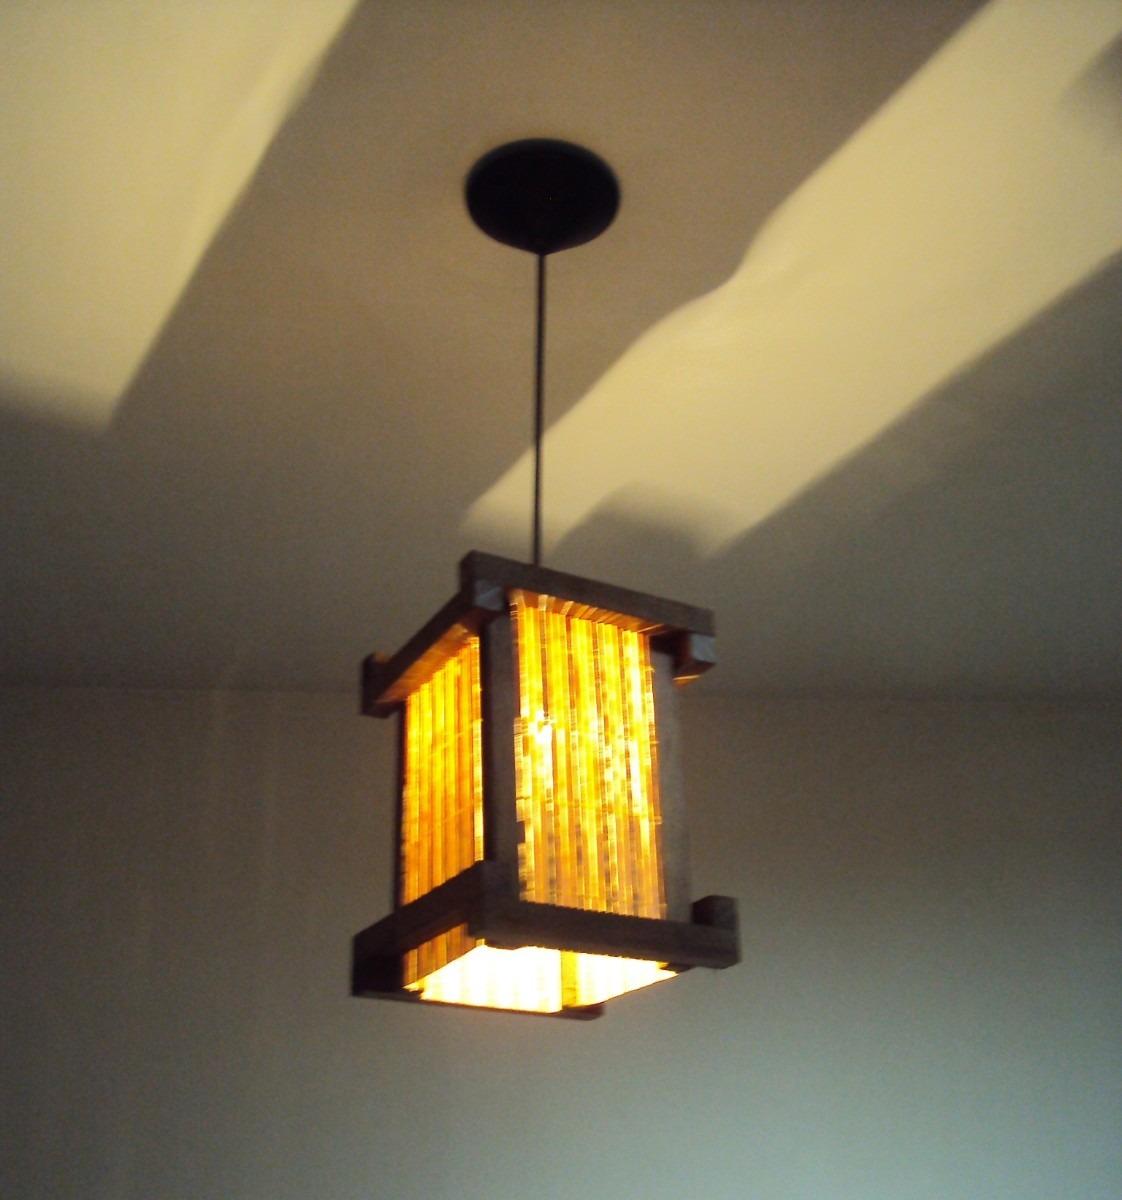 Iluminacao Para Quarto Mercado Livre ~   De Teto Lustre Rustico Japones Sala Quarto  R$ 79,00 em Mercado Livre